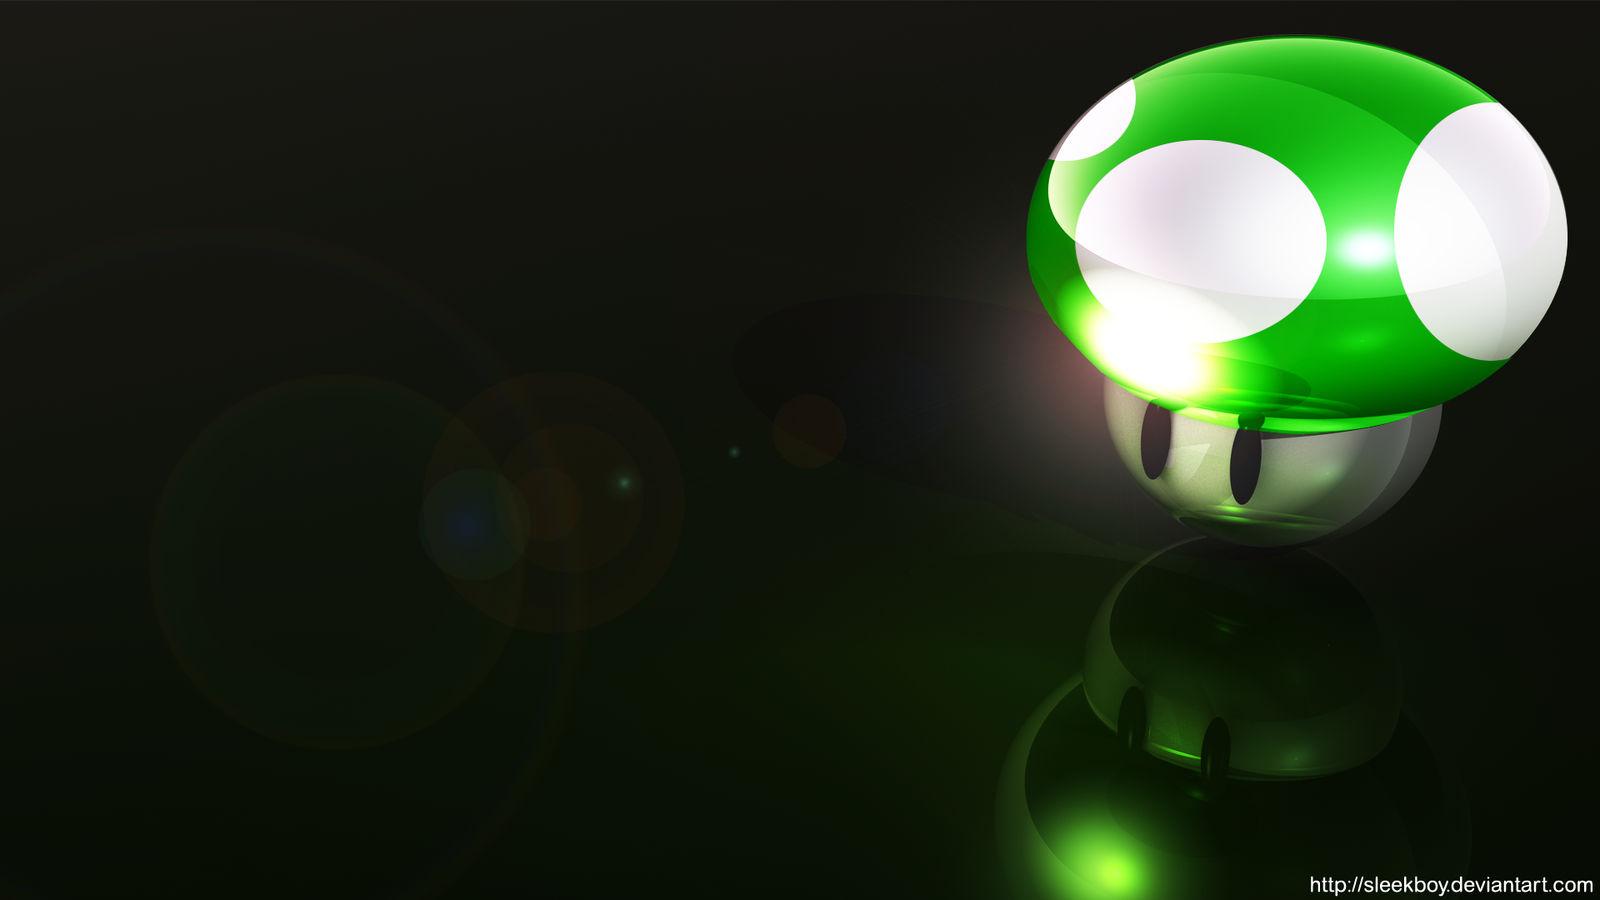 Super Mario: Life